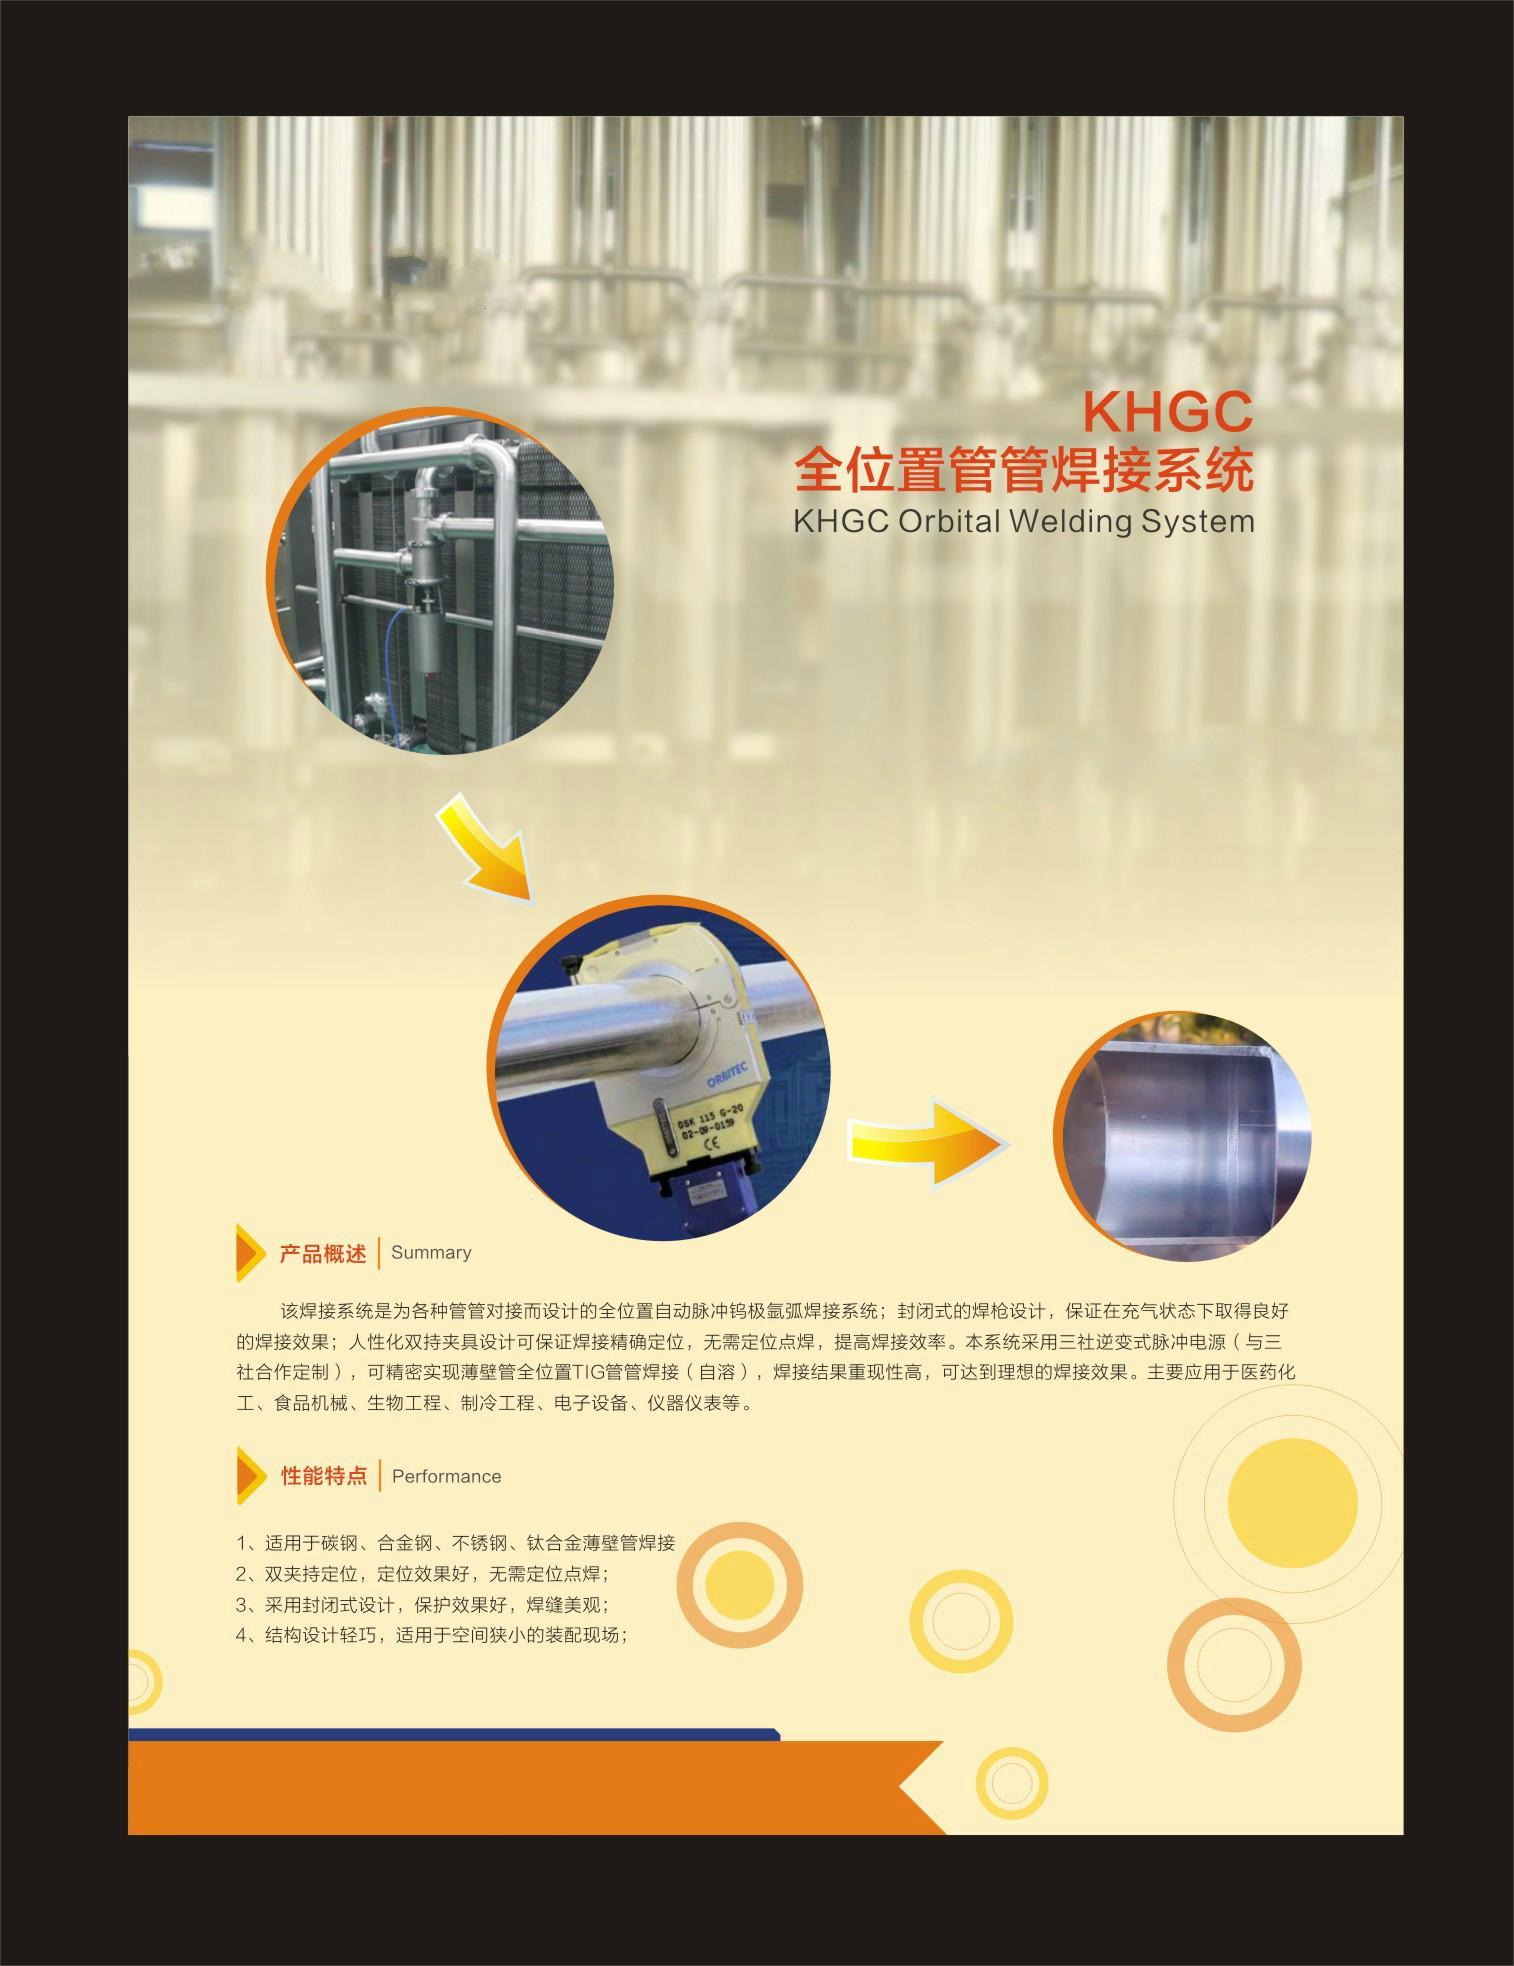 管道全位置自动焊机(氩孤焊) 1